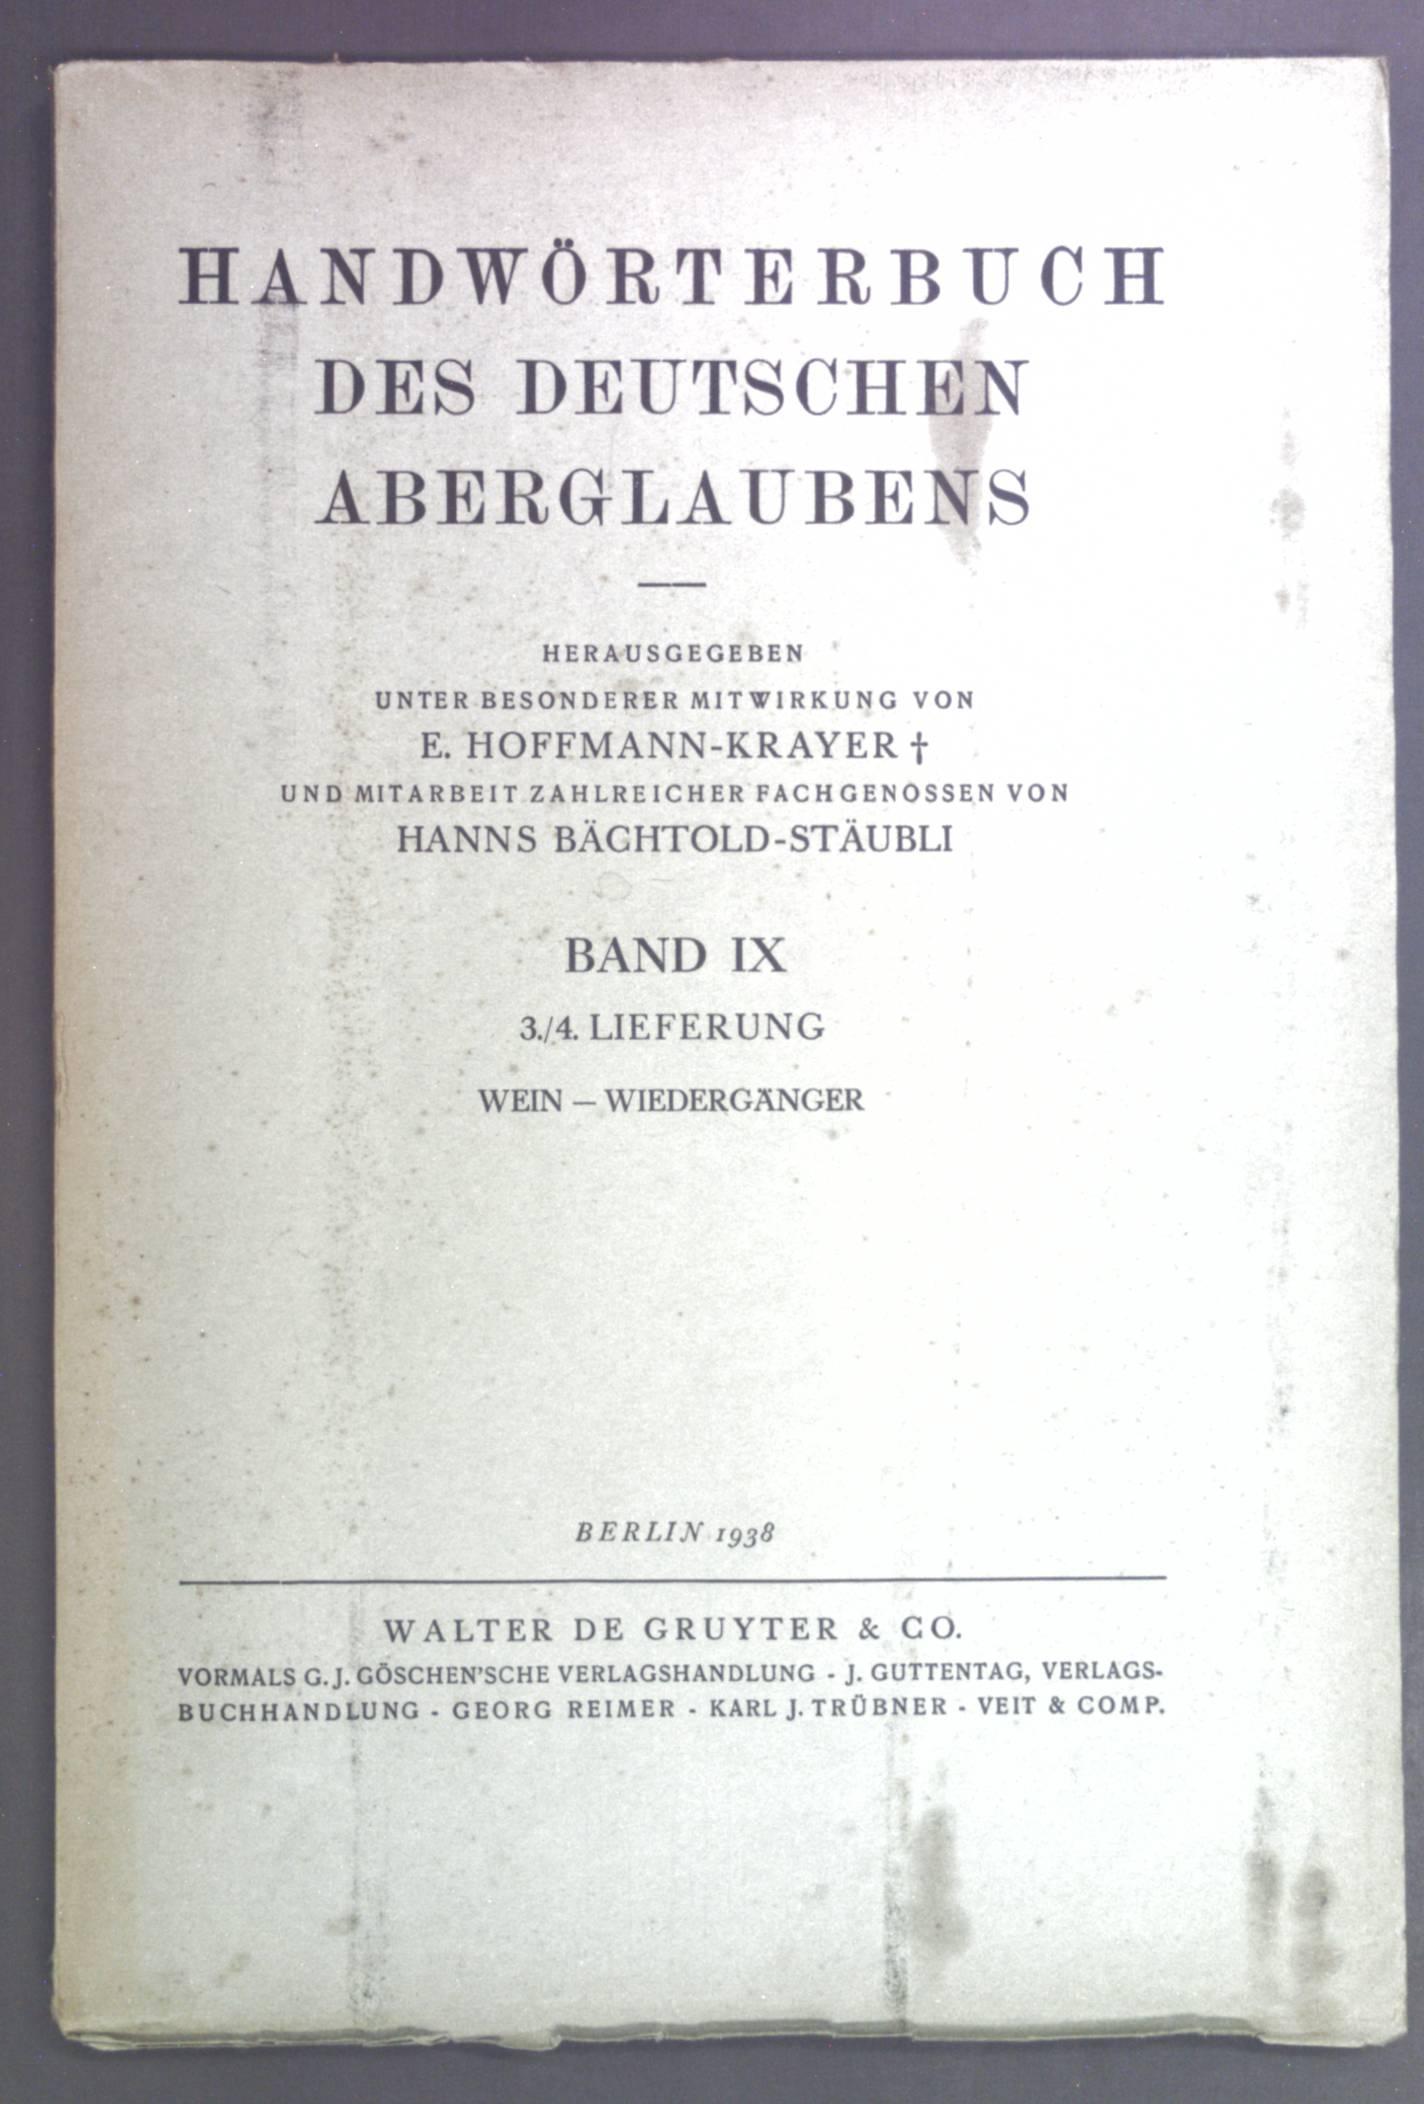 Handwörterbuch des deutschen Aberglaubens. Band IX, 3./4.: Hoffmann-Krayer, E. und